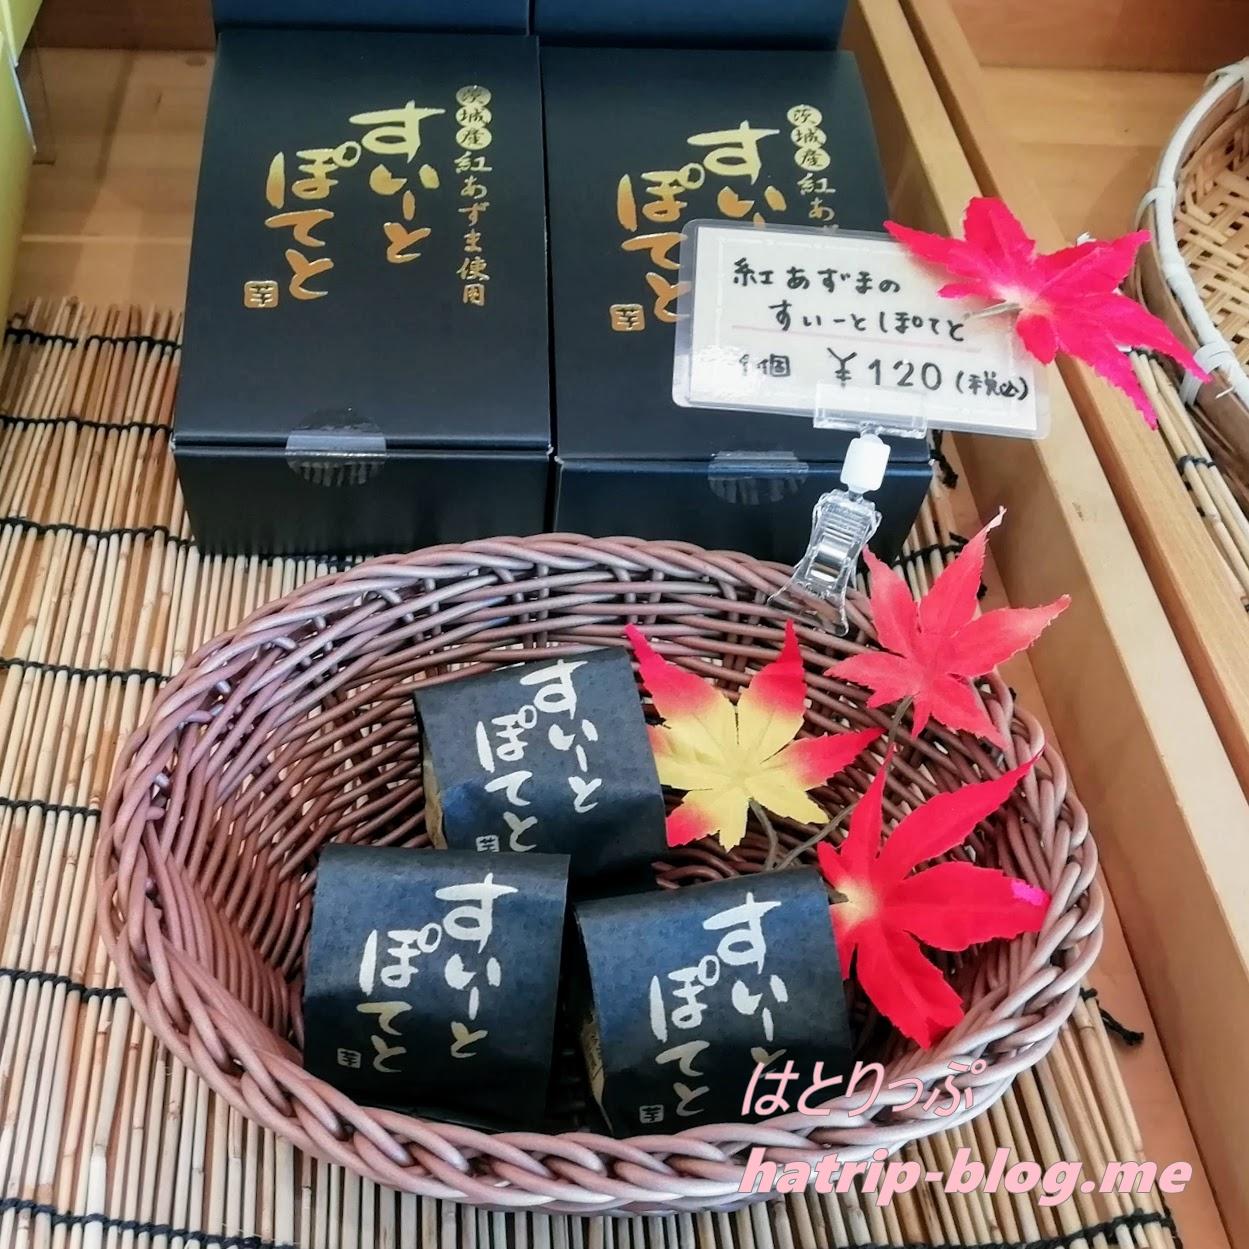 茨城県水戸市 熟成焼き芋専門店 あづまや 紅あずまのすいーとぽてと